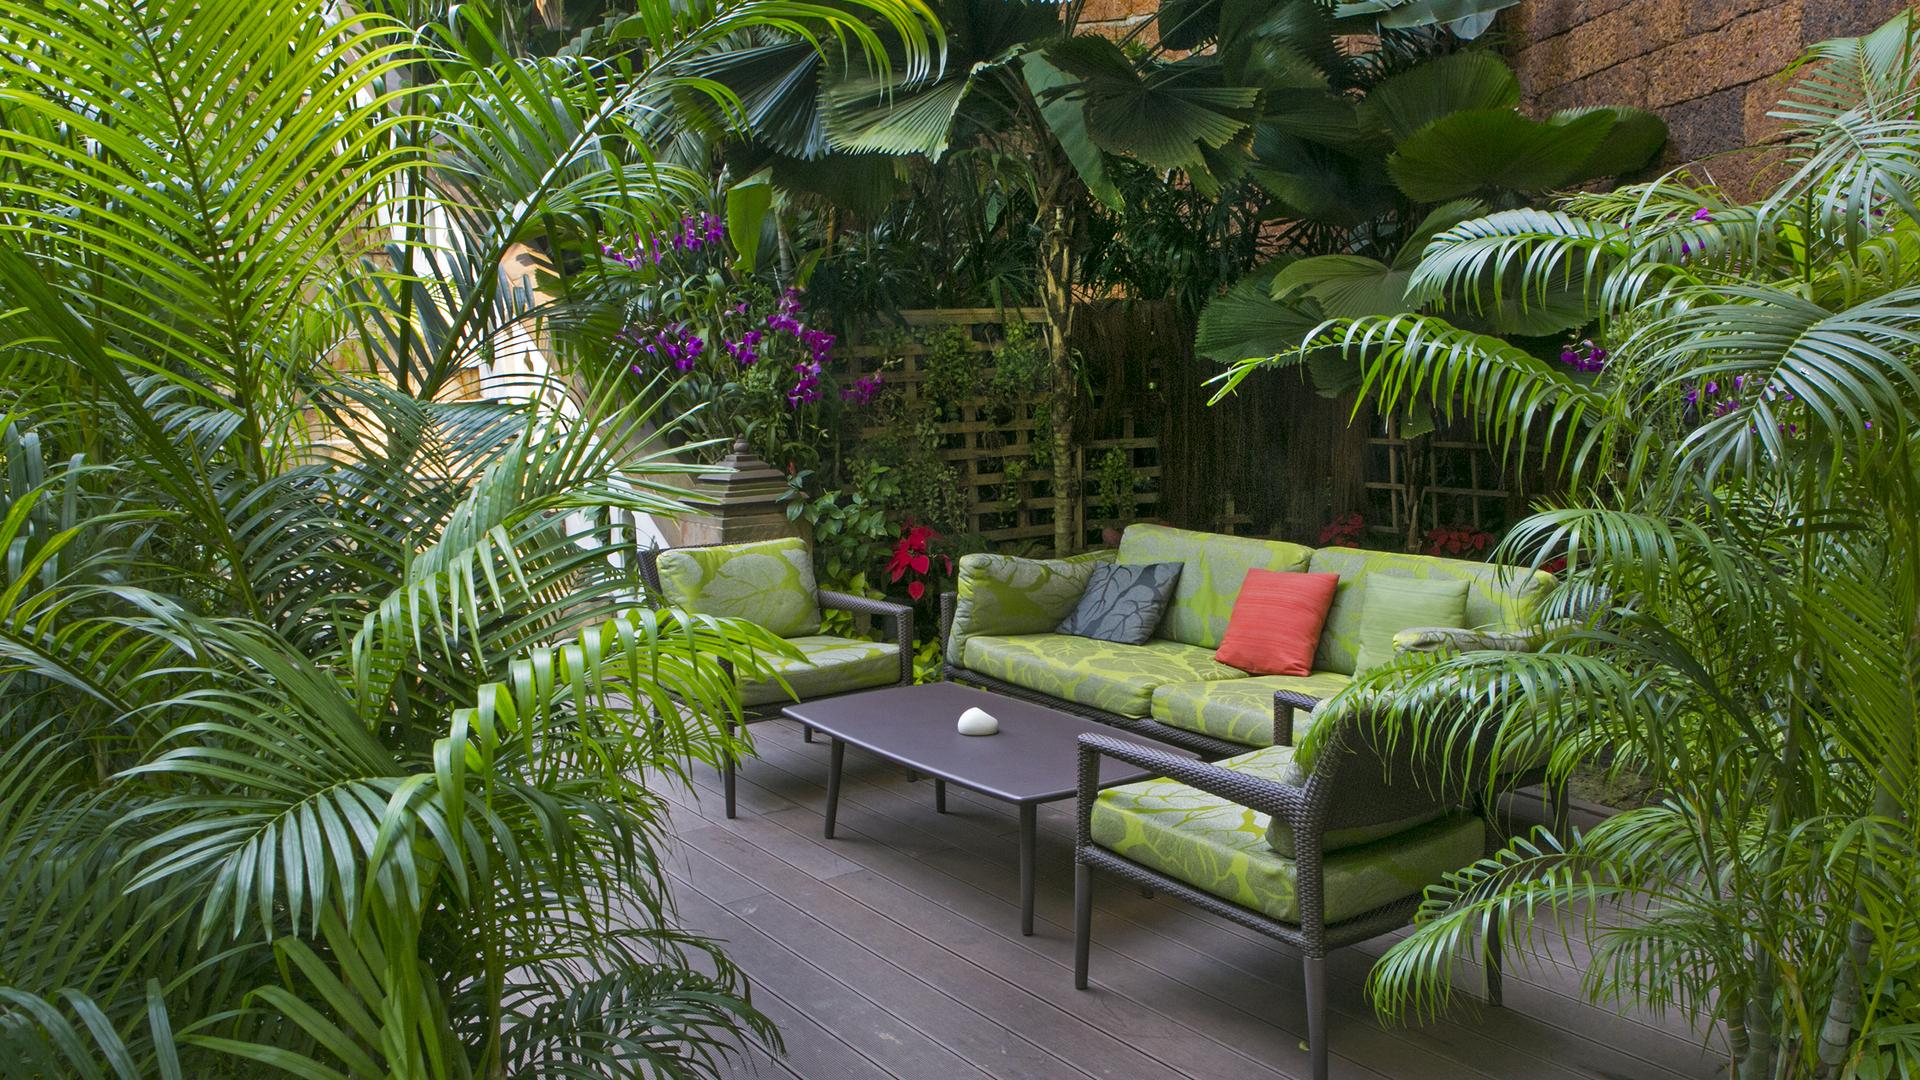 Comment Décorer Et Aménager Sa Terrasse En Ville Pour Pas Cher ? encequiconcerne Aménager Son Jardin Pour Pas Cher